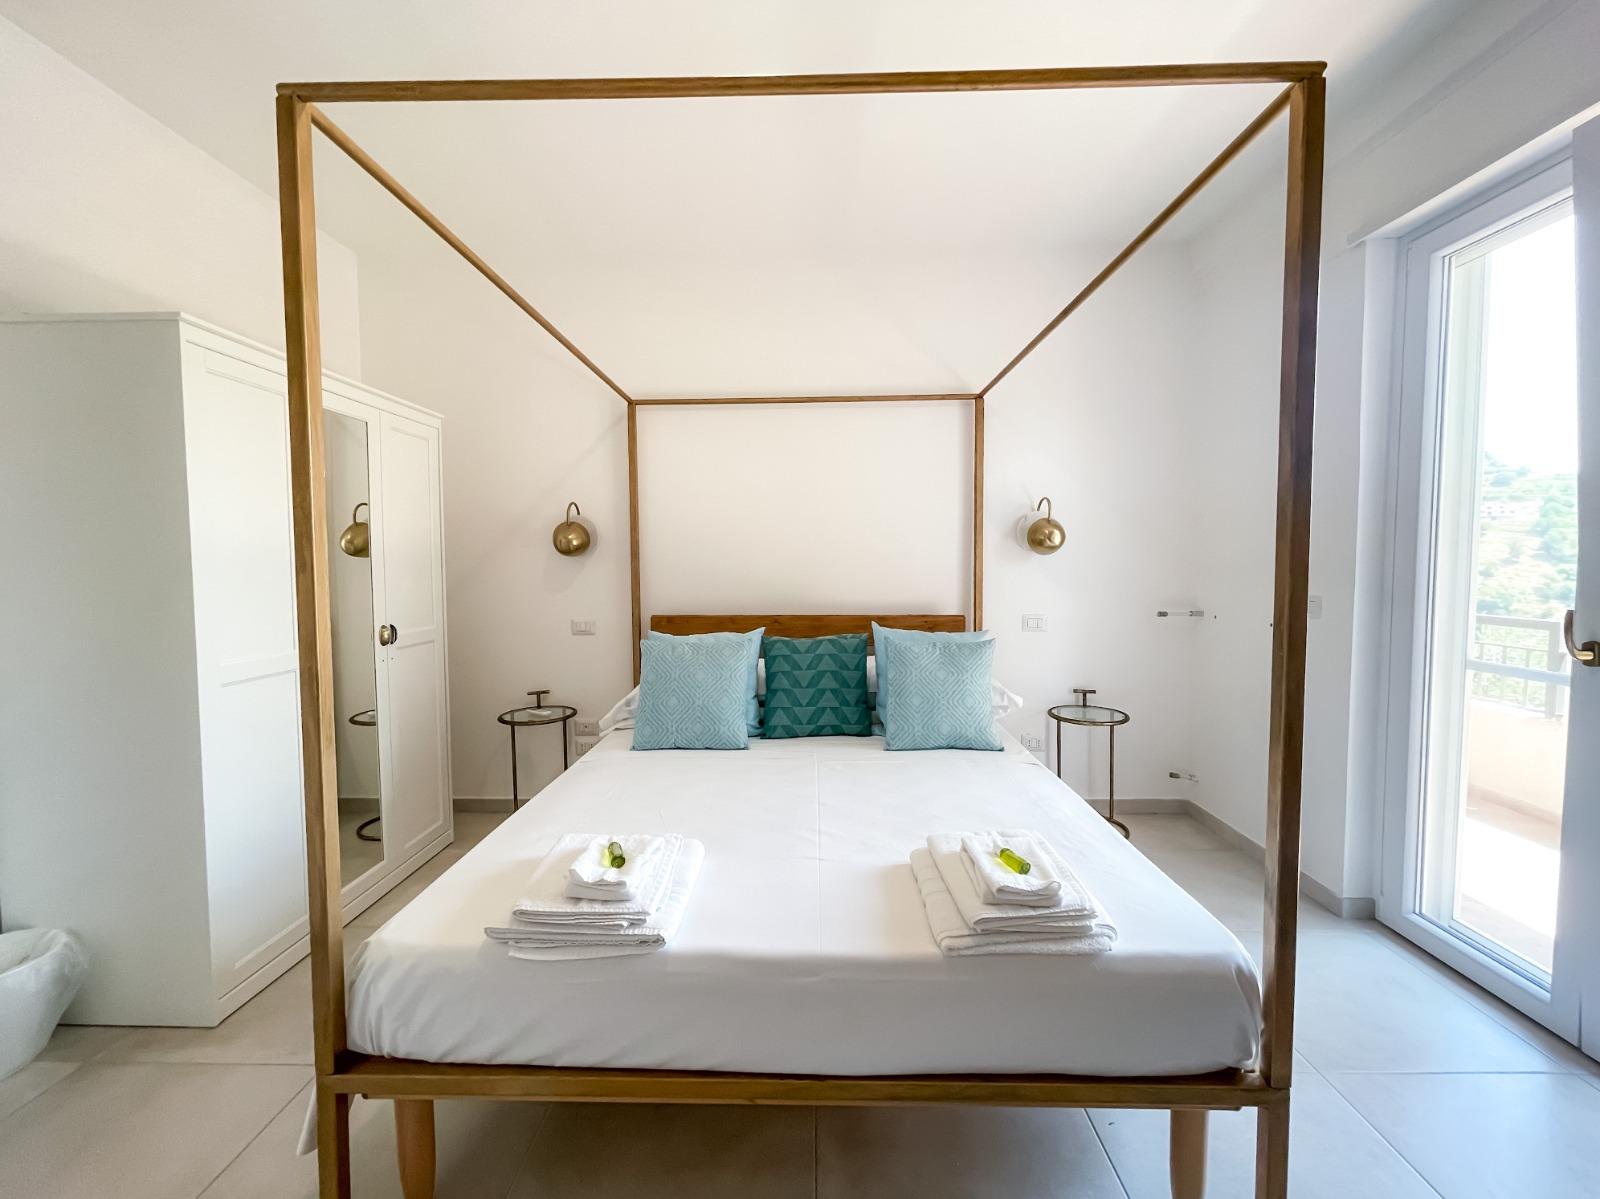 tenuta-normanni-foresteria-suites-small2